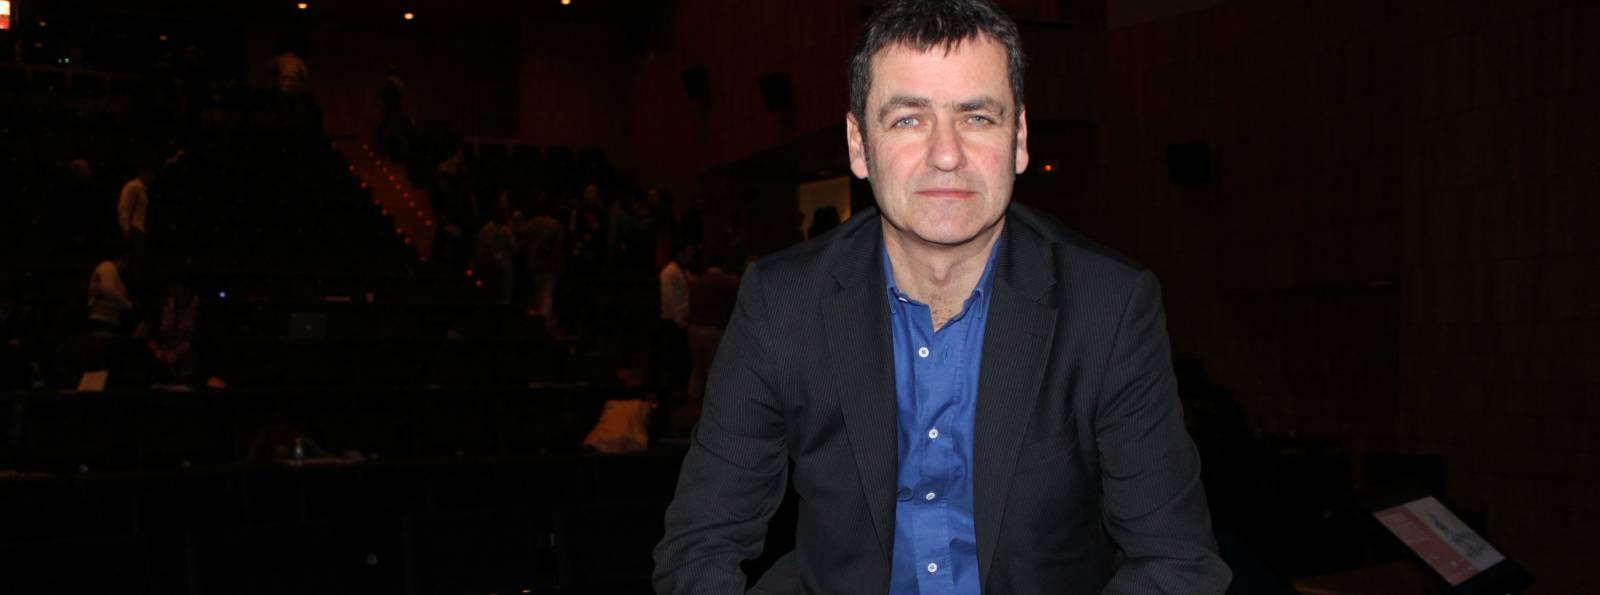 El periodista británico Giles Tremlett en el XIV Congreso de Periodismo Digital